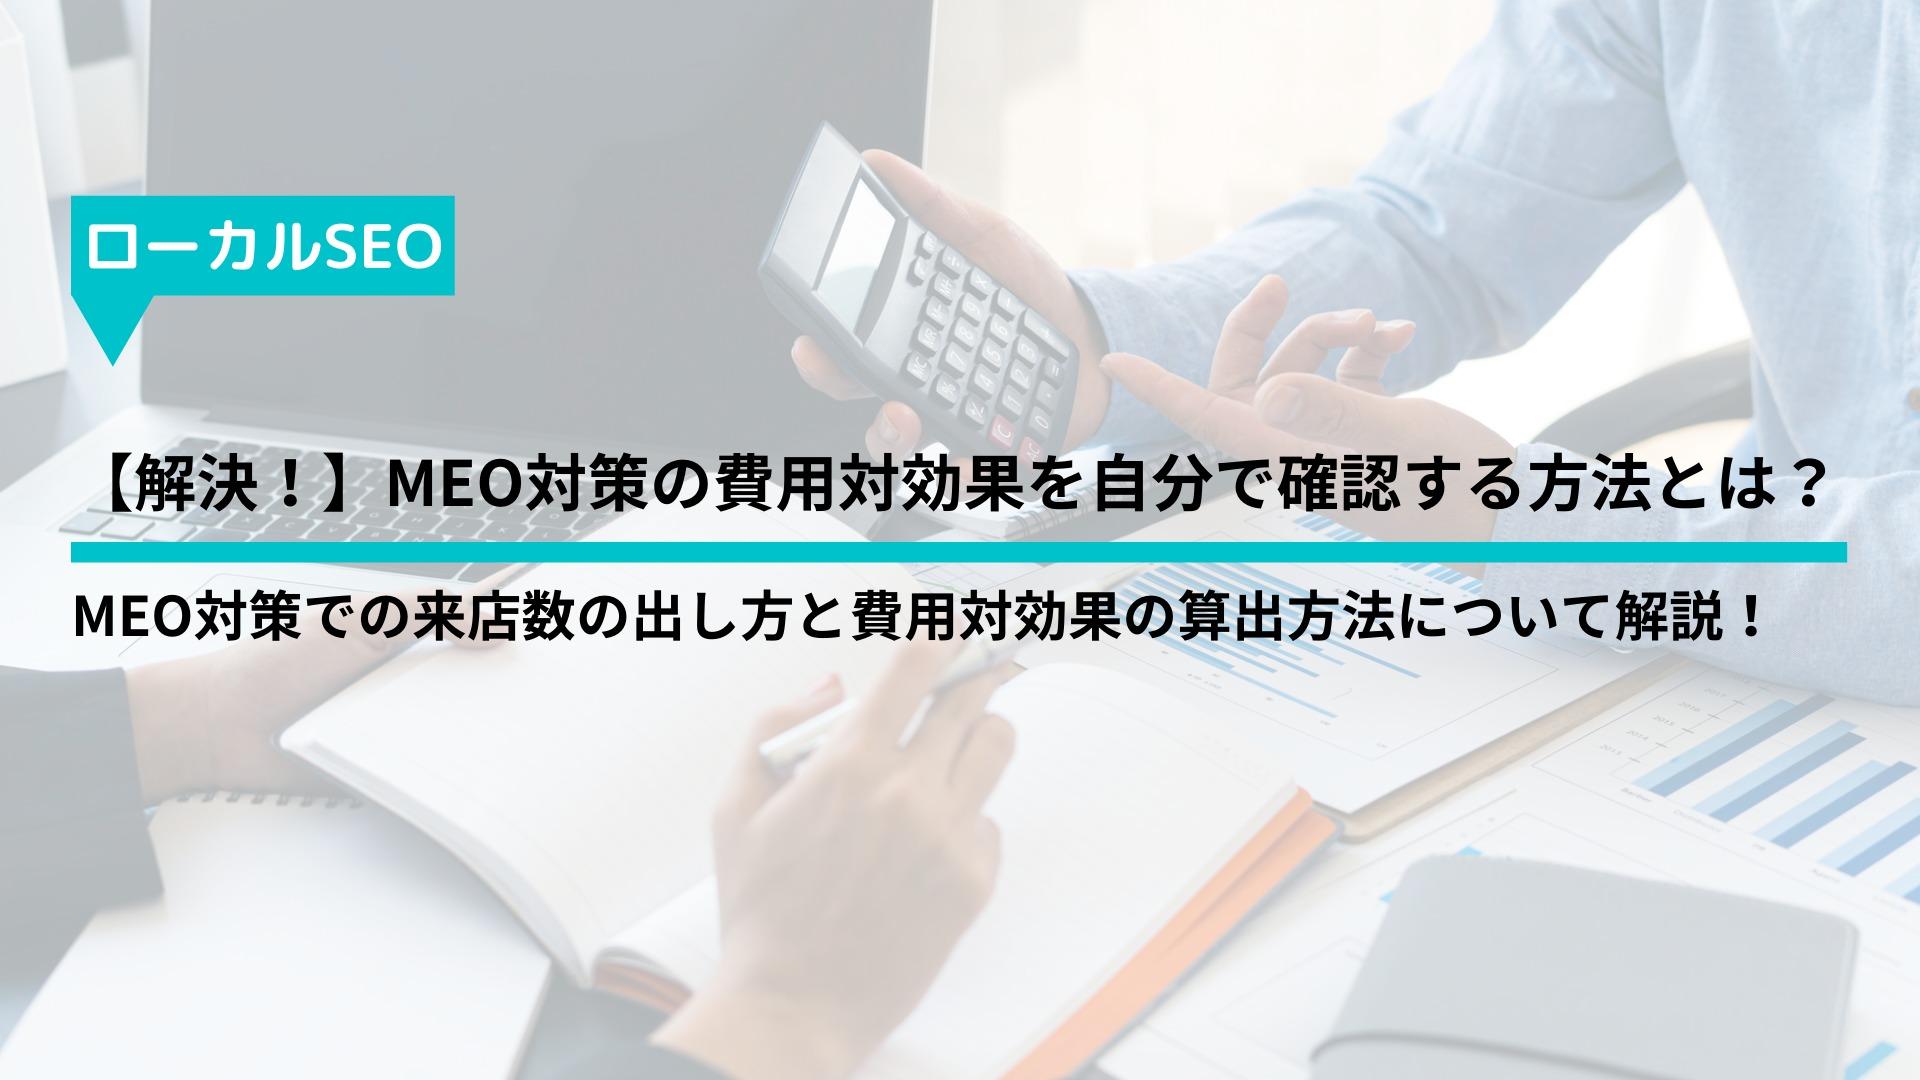 【解決!】MEO対策の費用対効果を自分で確認する方法とは?